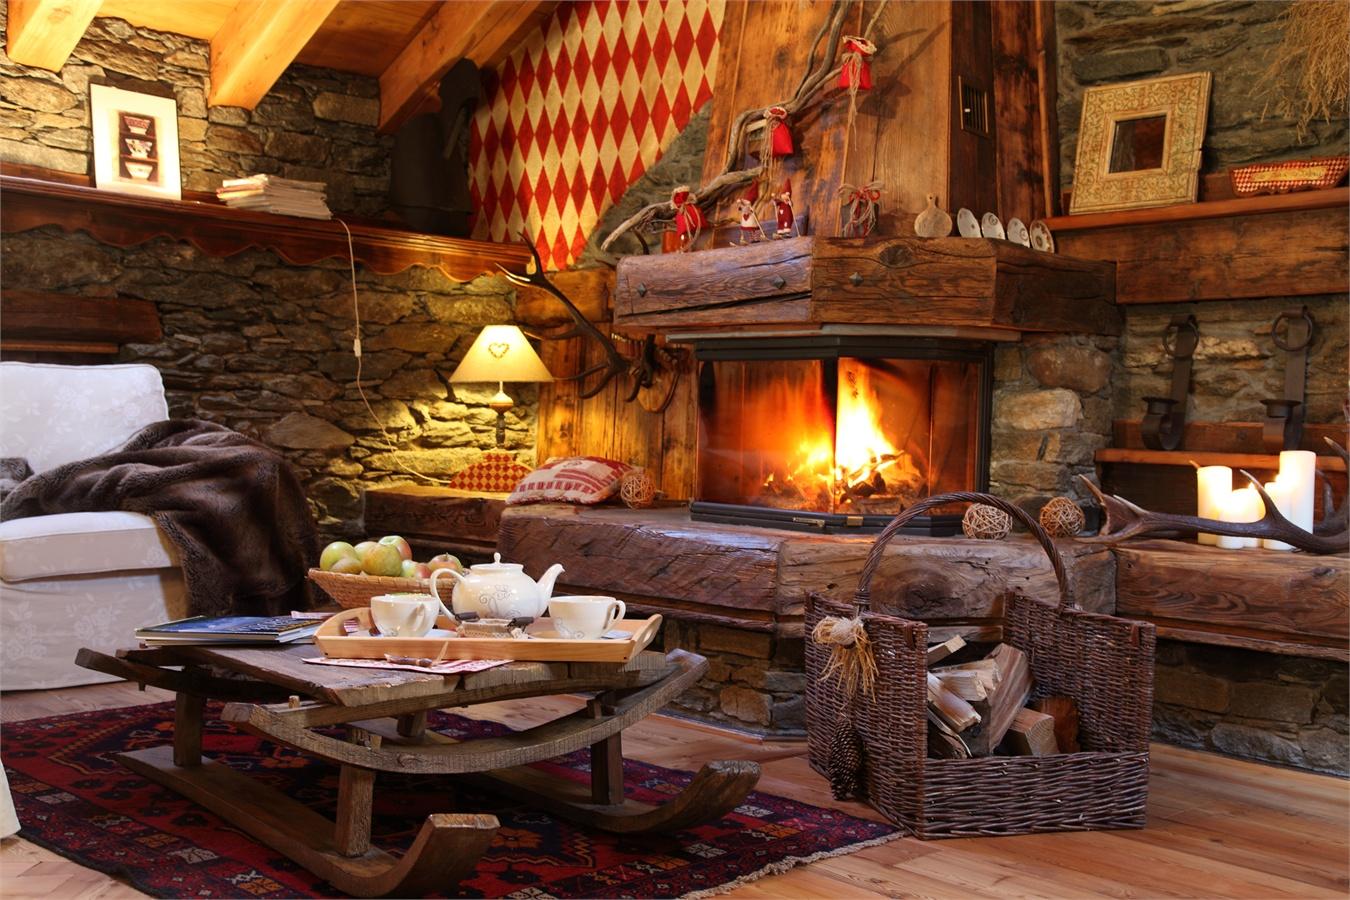 36. Le Djoua De Toueno - Arvier Aosta